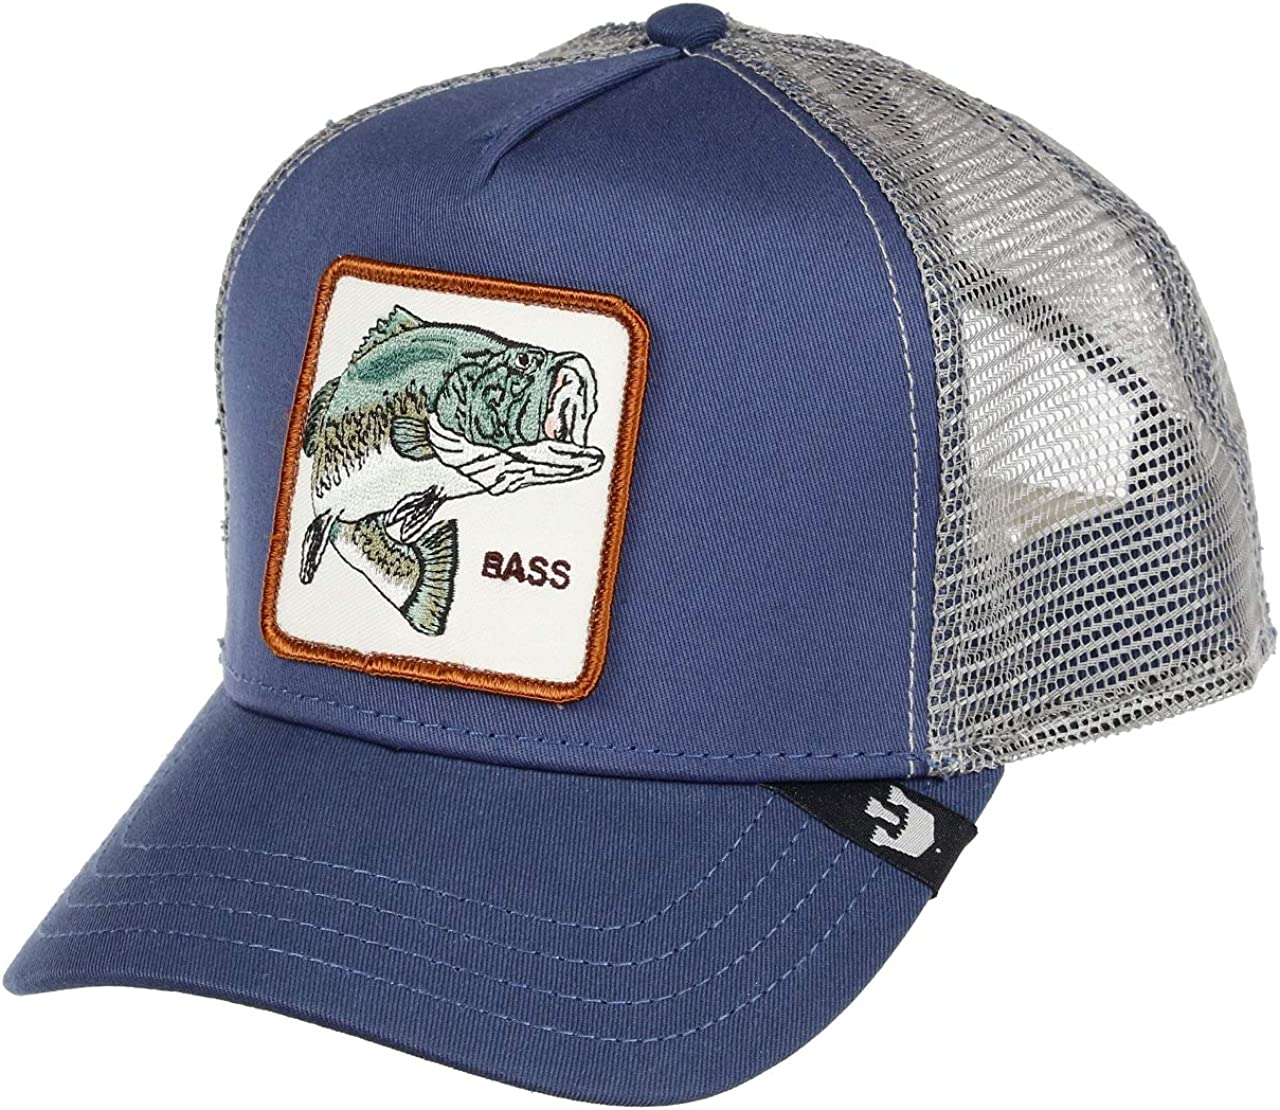 Goorin Bros Trucker Cap Big Bass/Barsch Blue - One-Size: Amazon.es ...